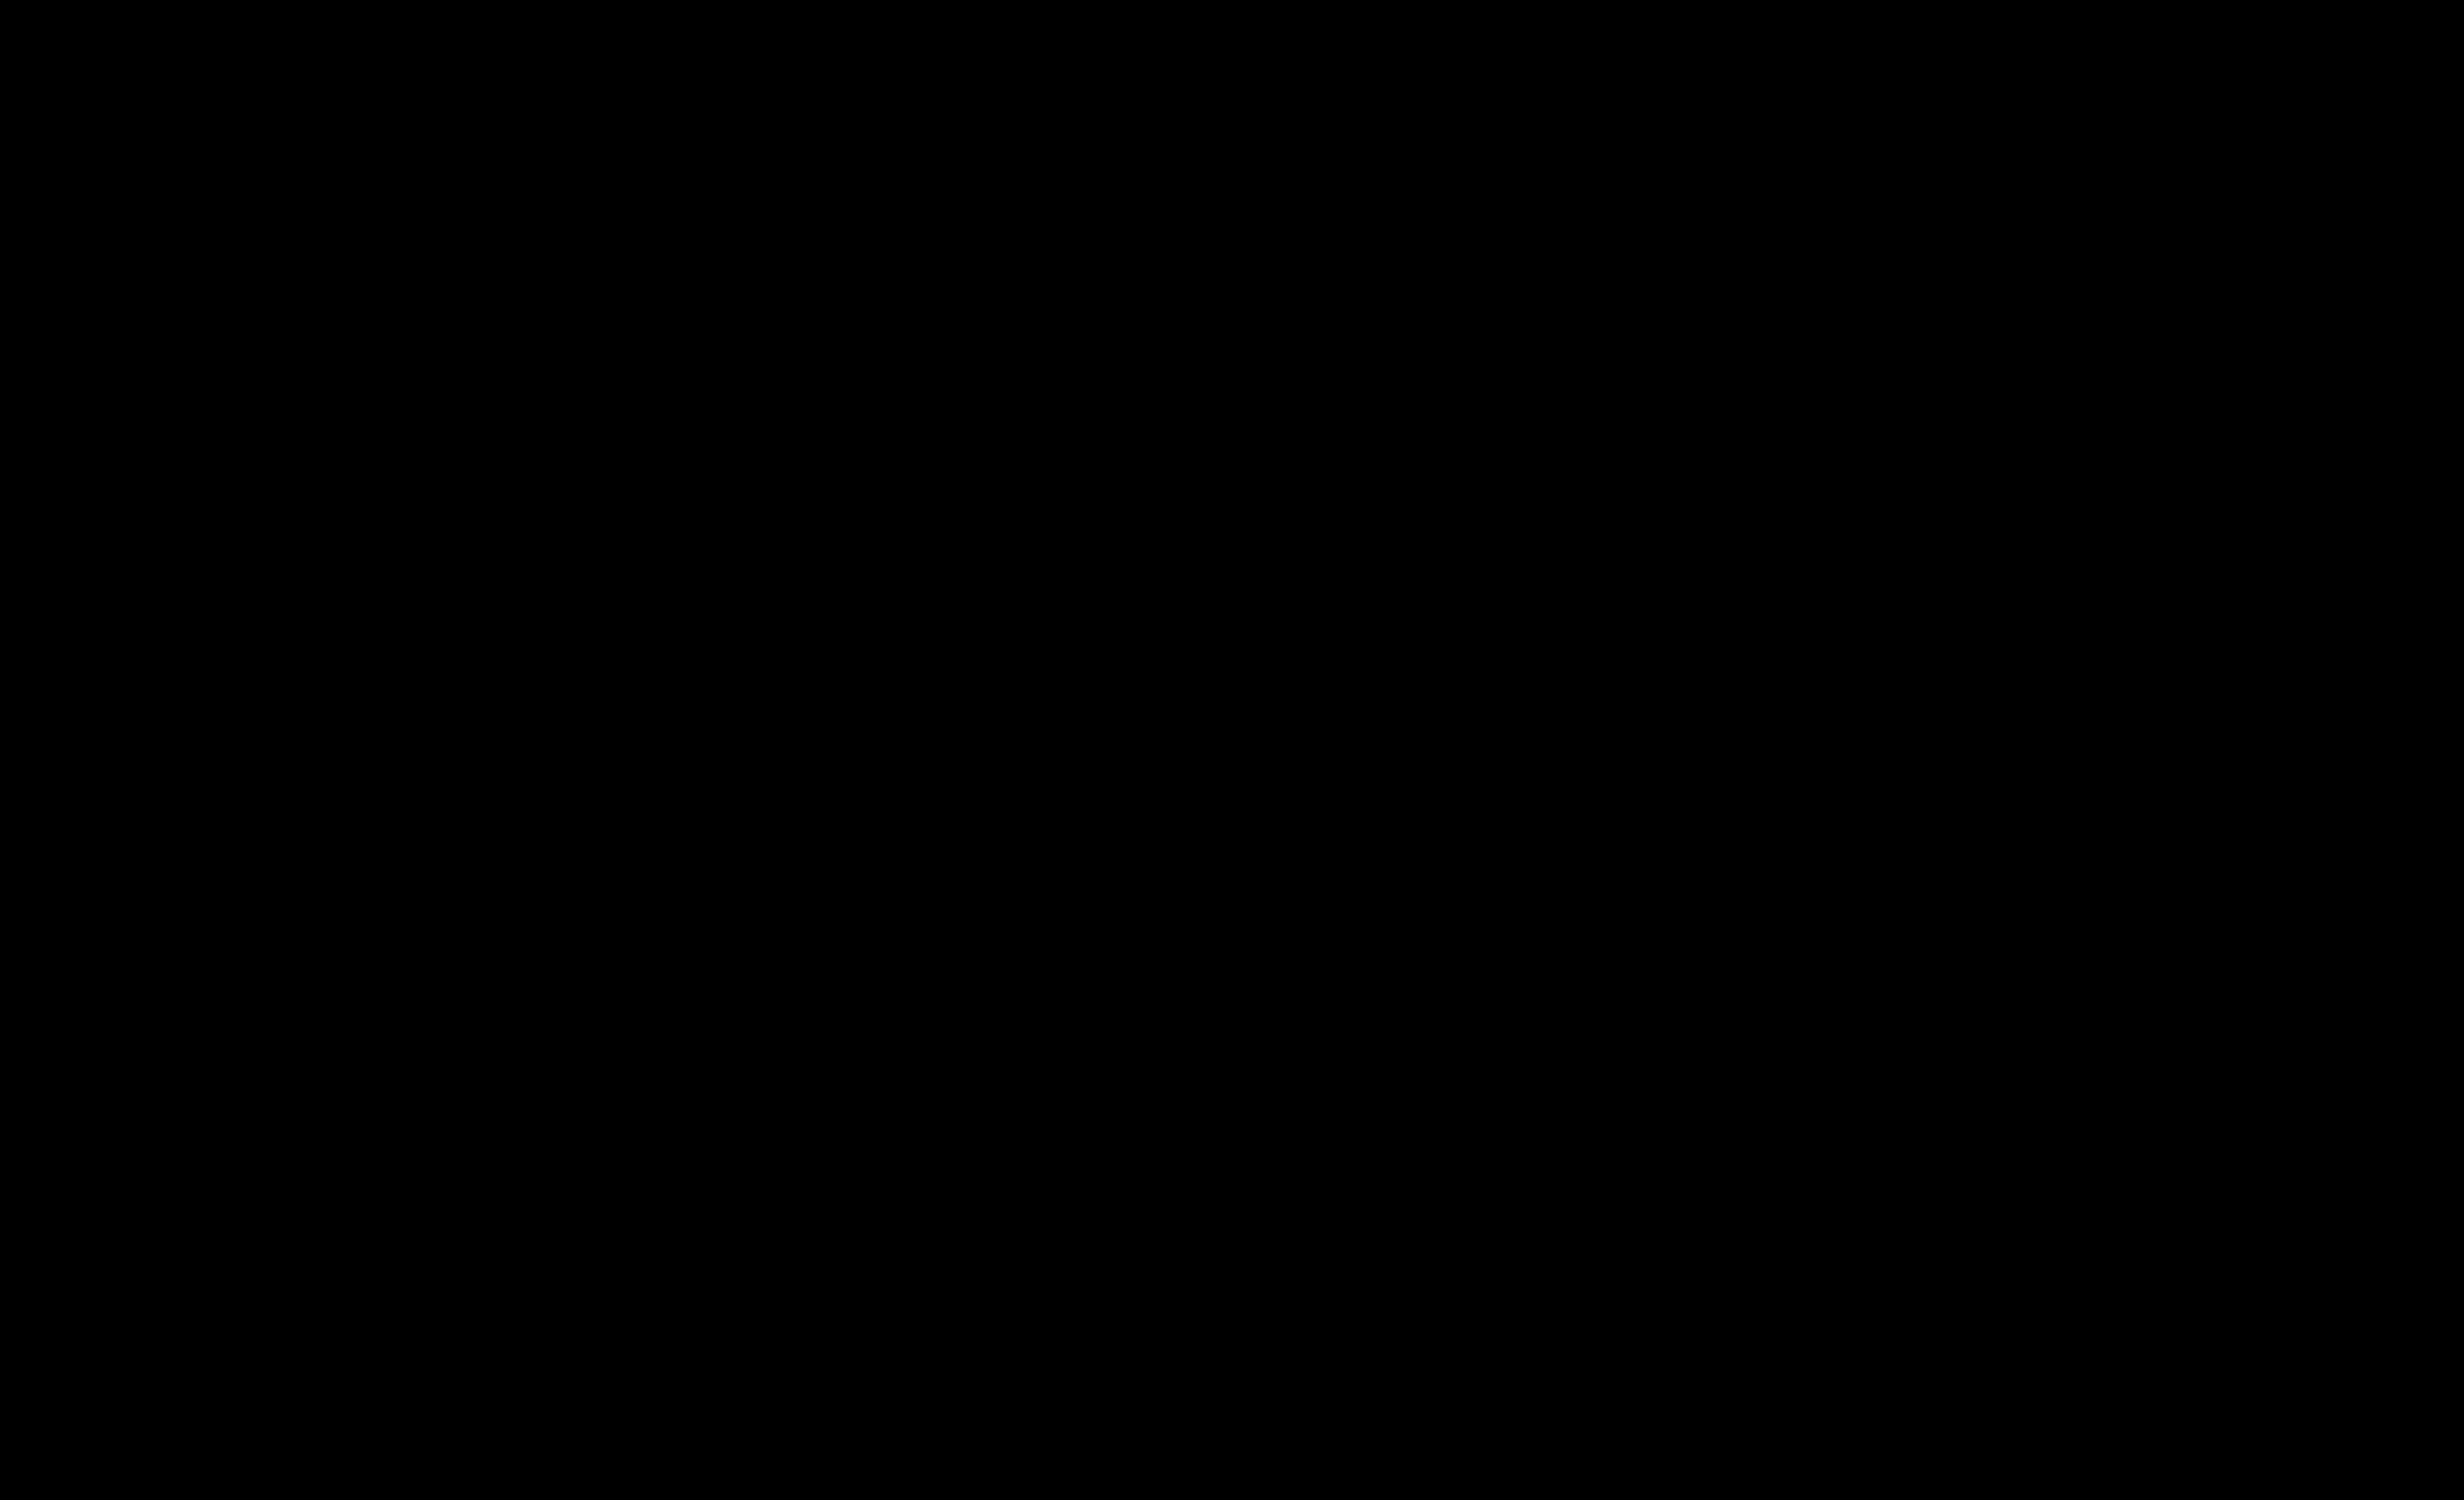 uber_logo_black